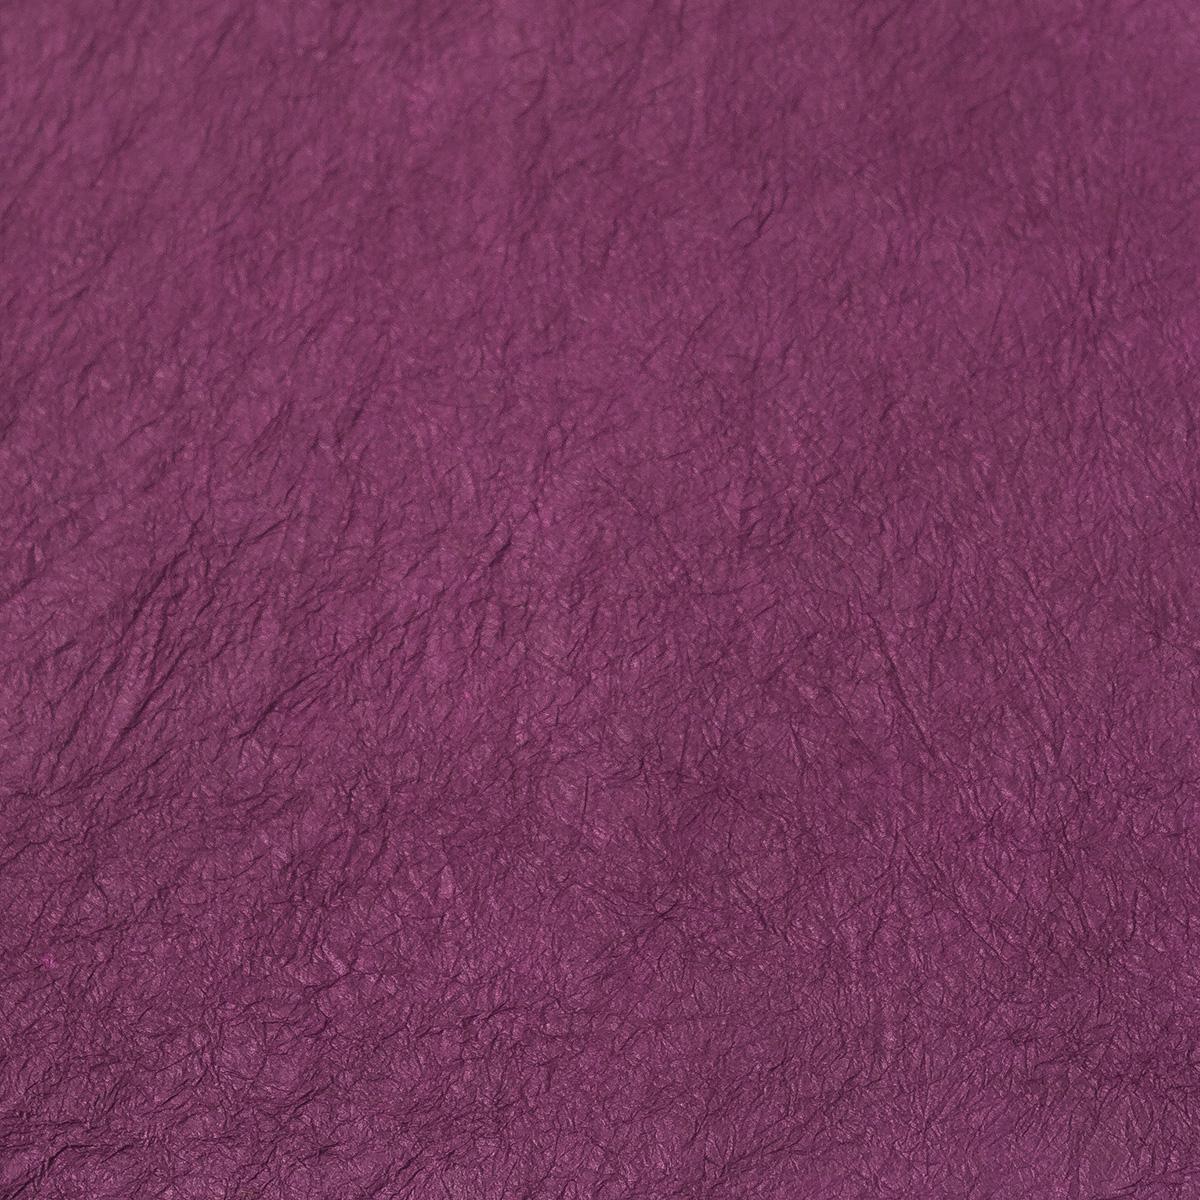 王朝のそめいろ 薄口 3番 深紫